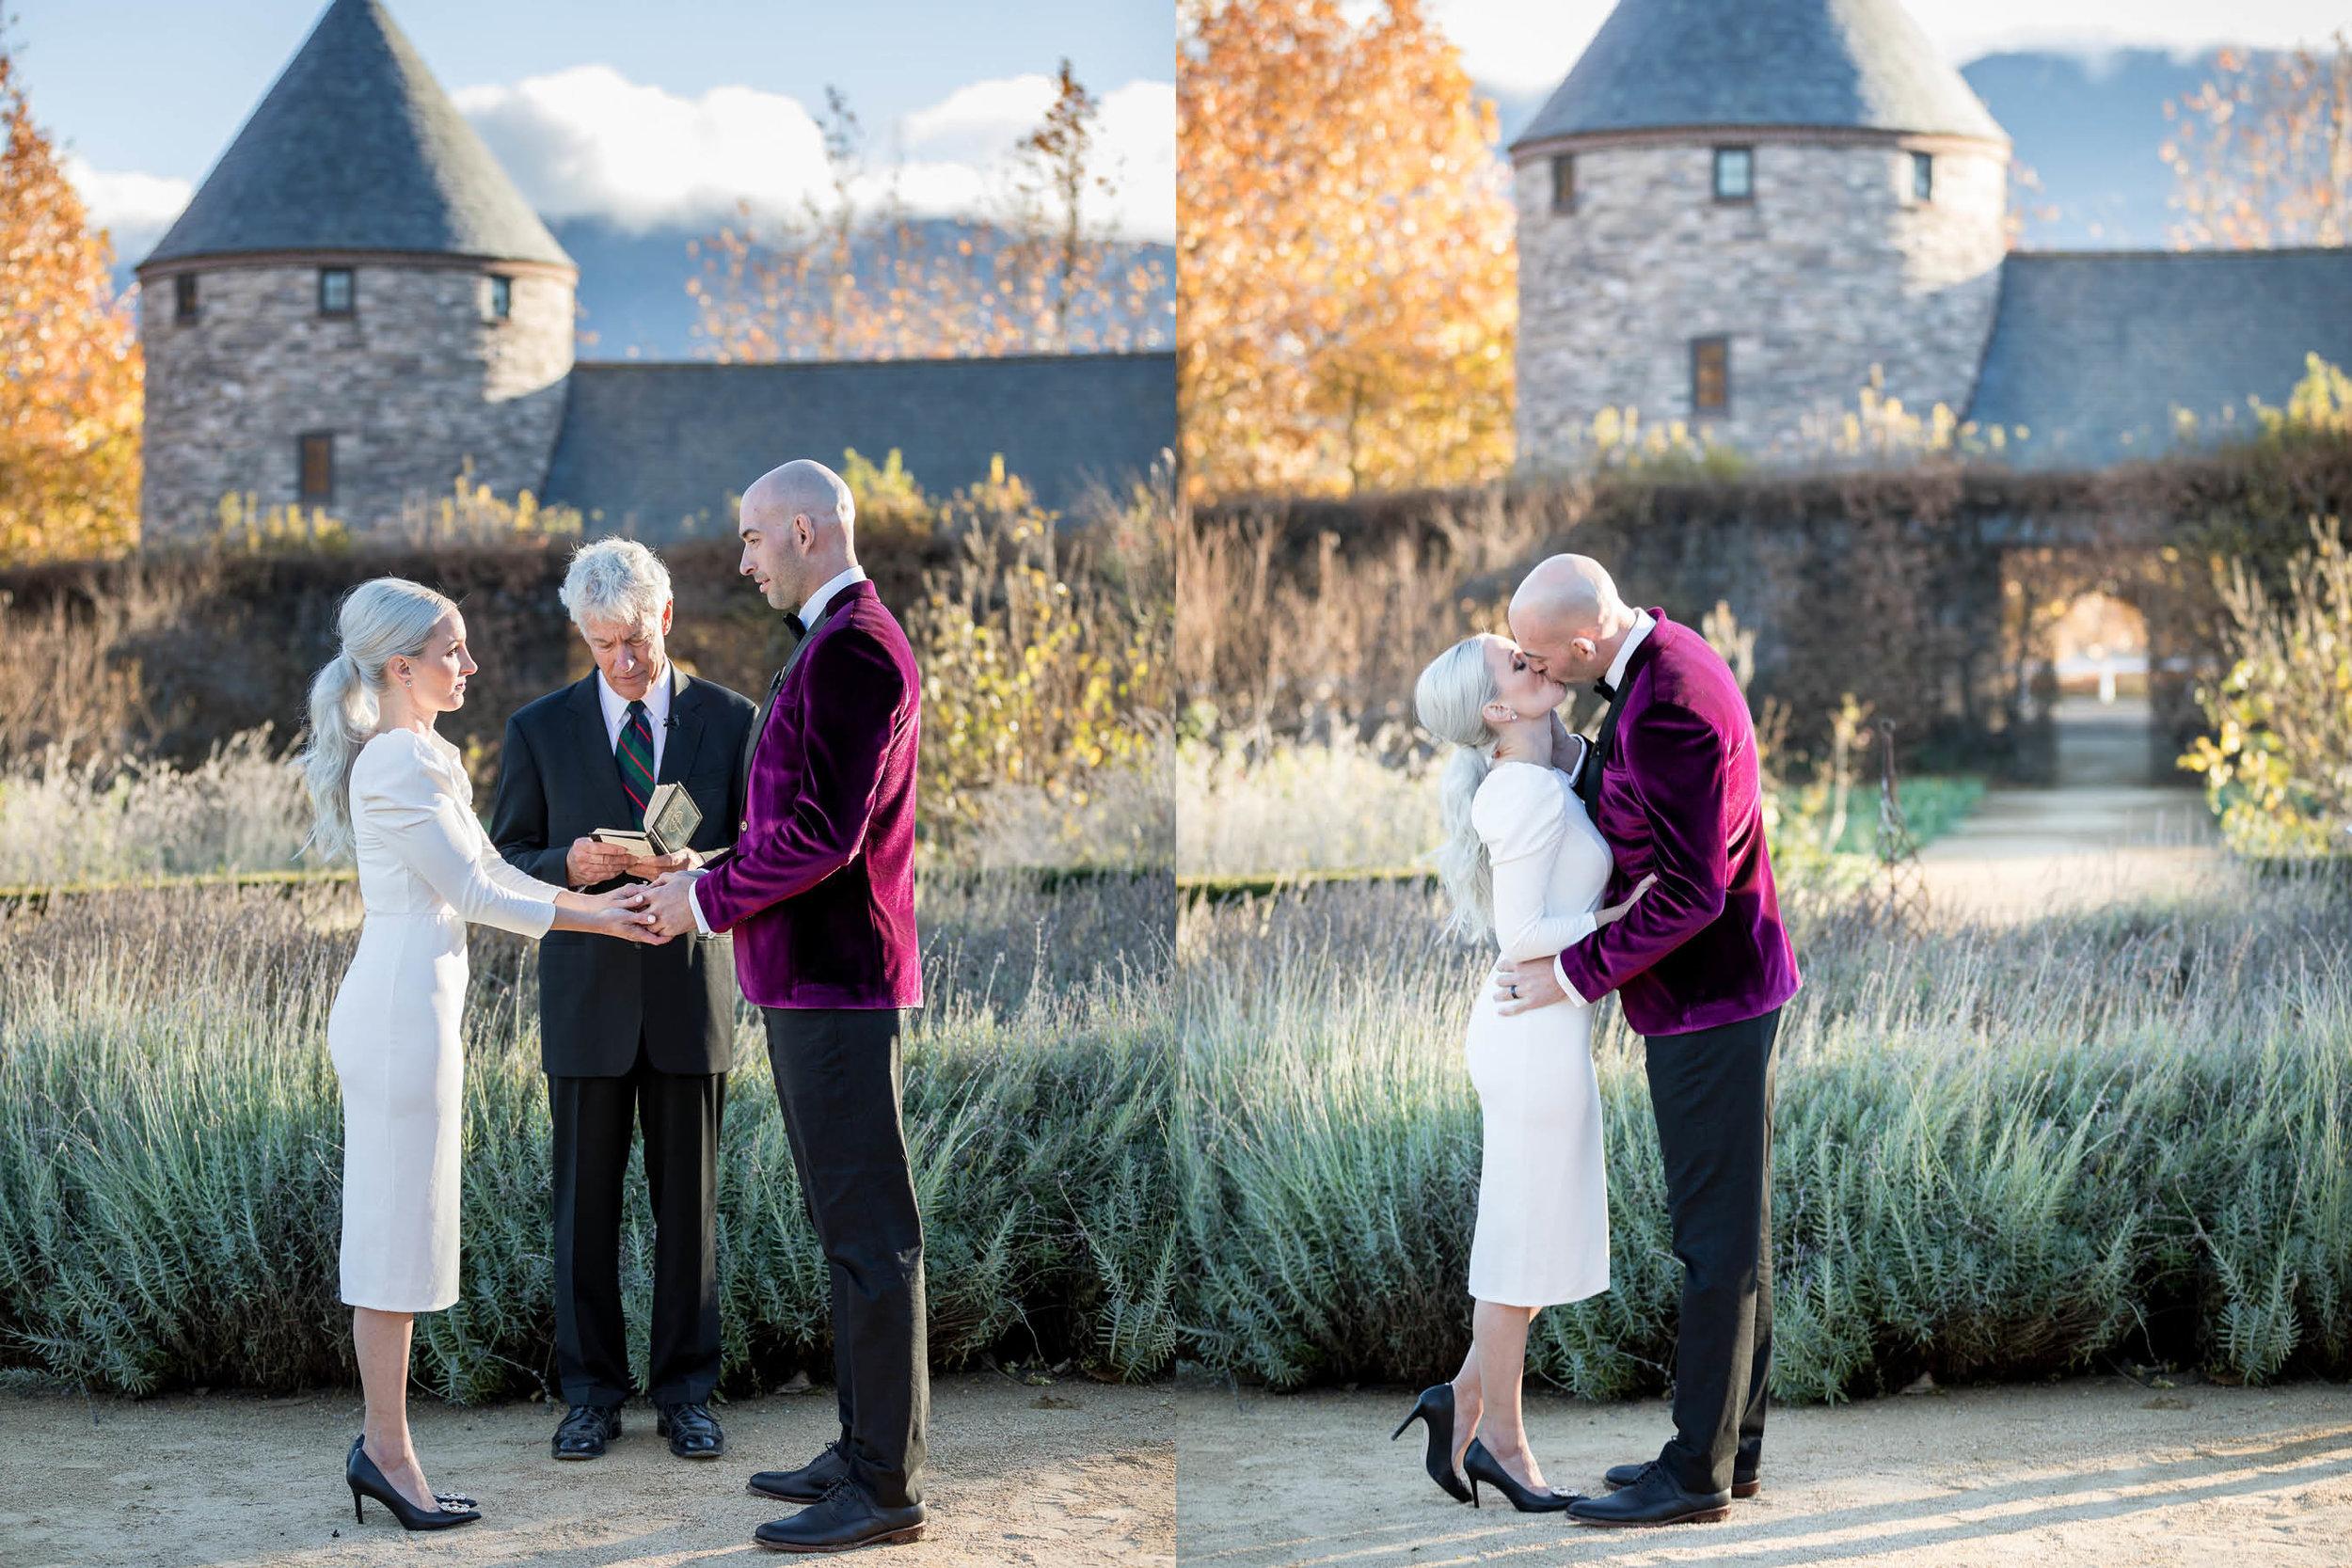 santa-barbara-elopement-wedding-planner-planning-elope-event-design-garden-kestrel-park-santa-ynez-field-maroon-velvet-coordinator-day-of-winter-estate-fall (11).jpg